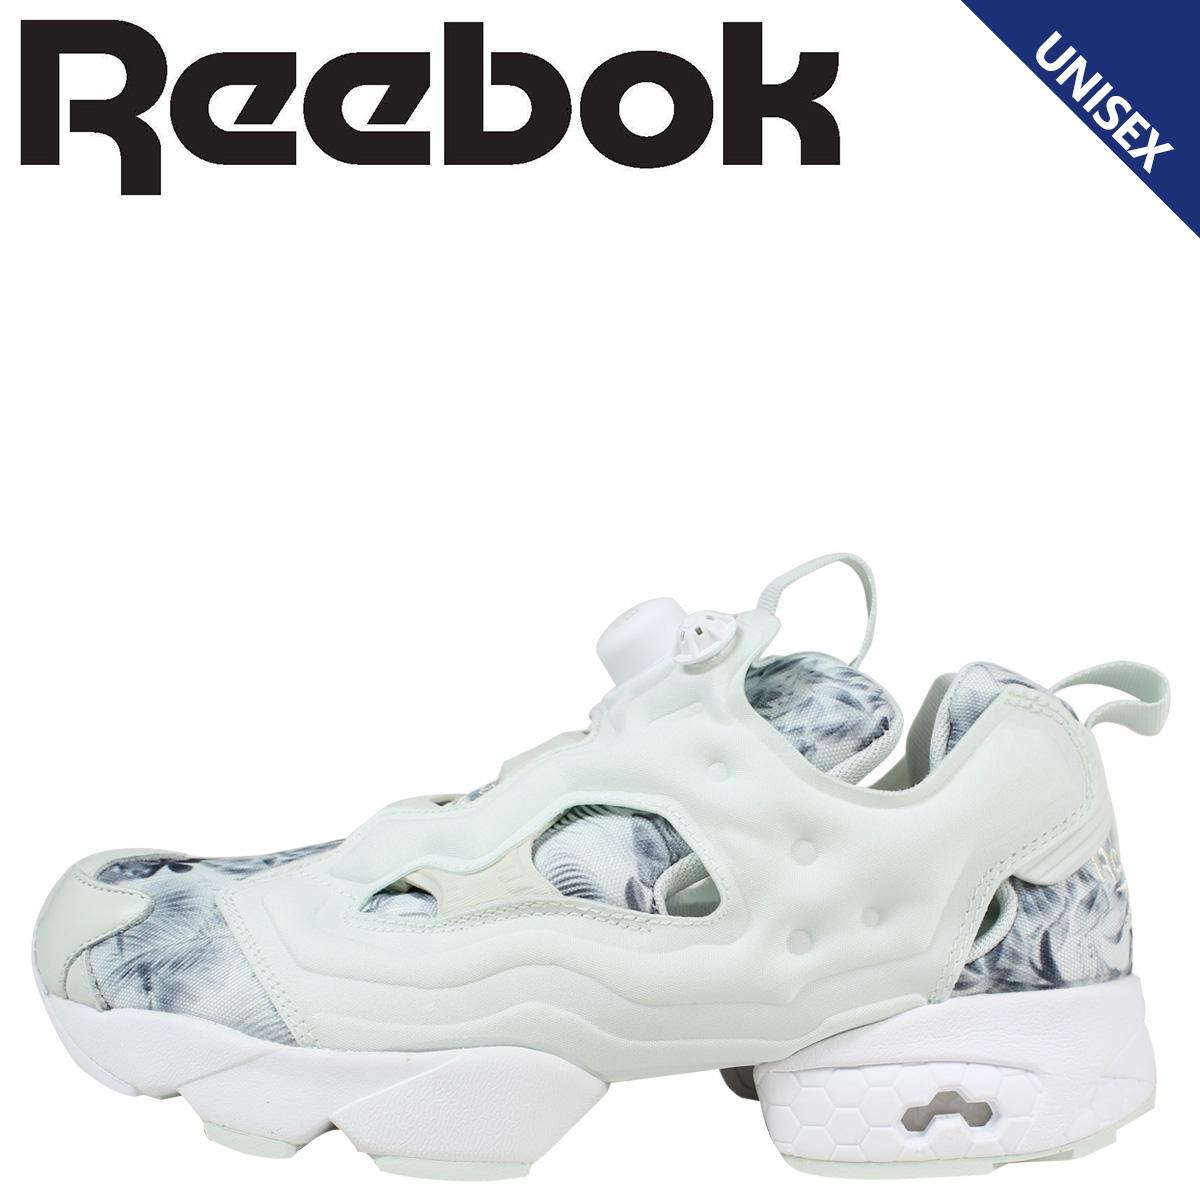 Reebok Pump Delle Scarpe Delle Donne jIzMwX770